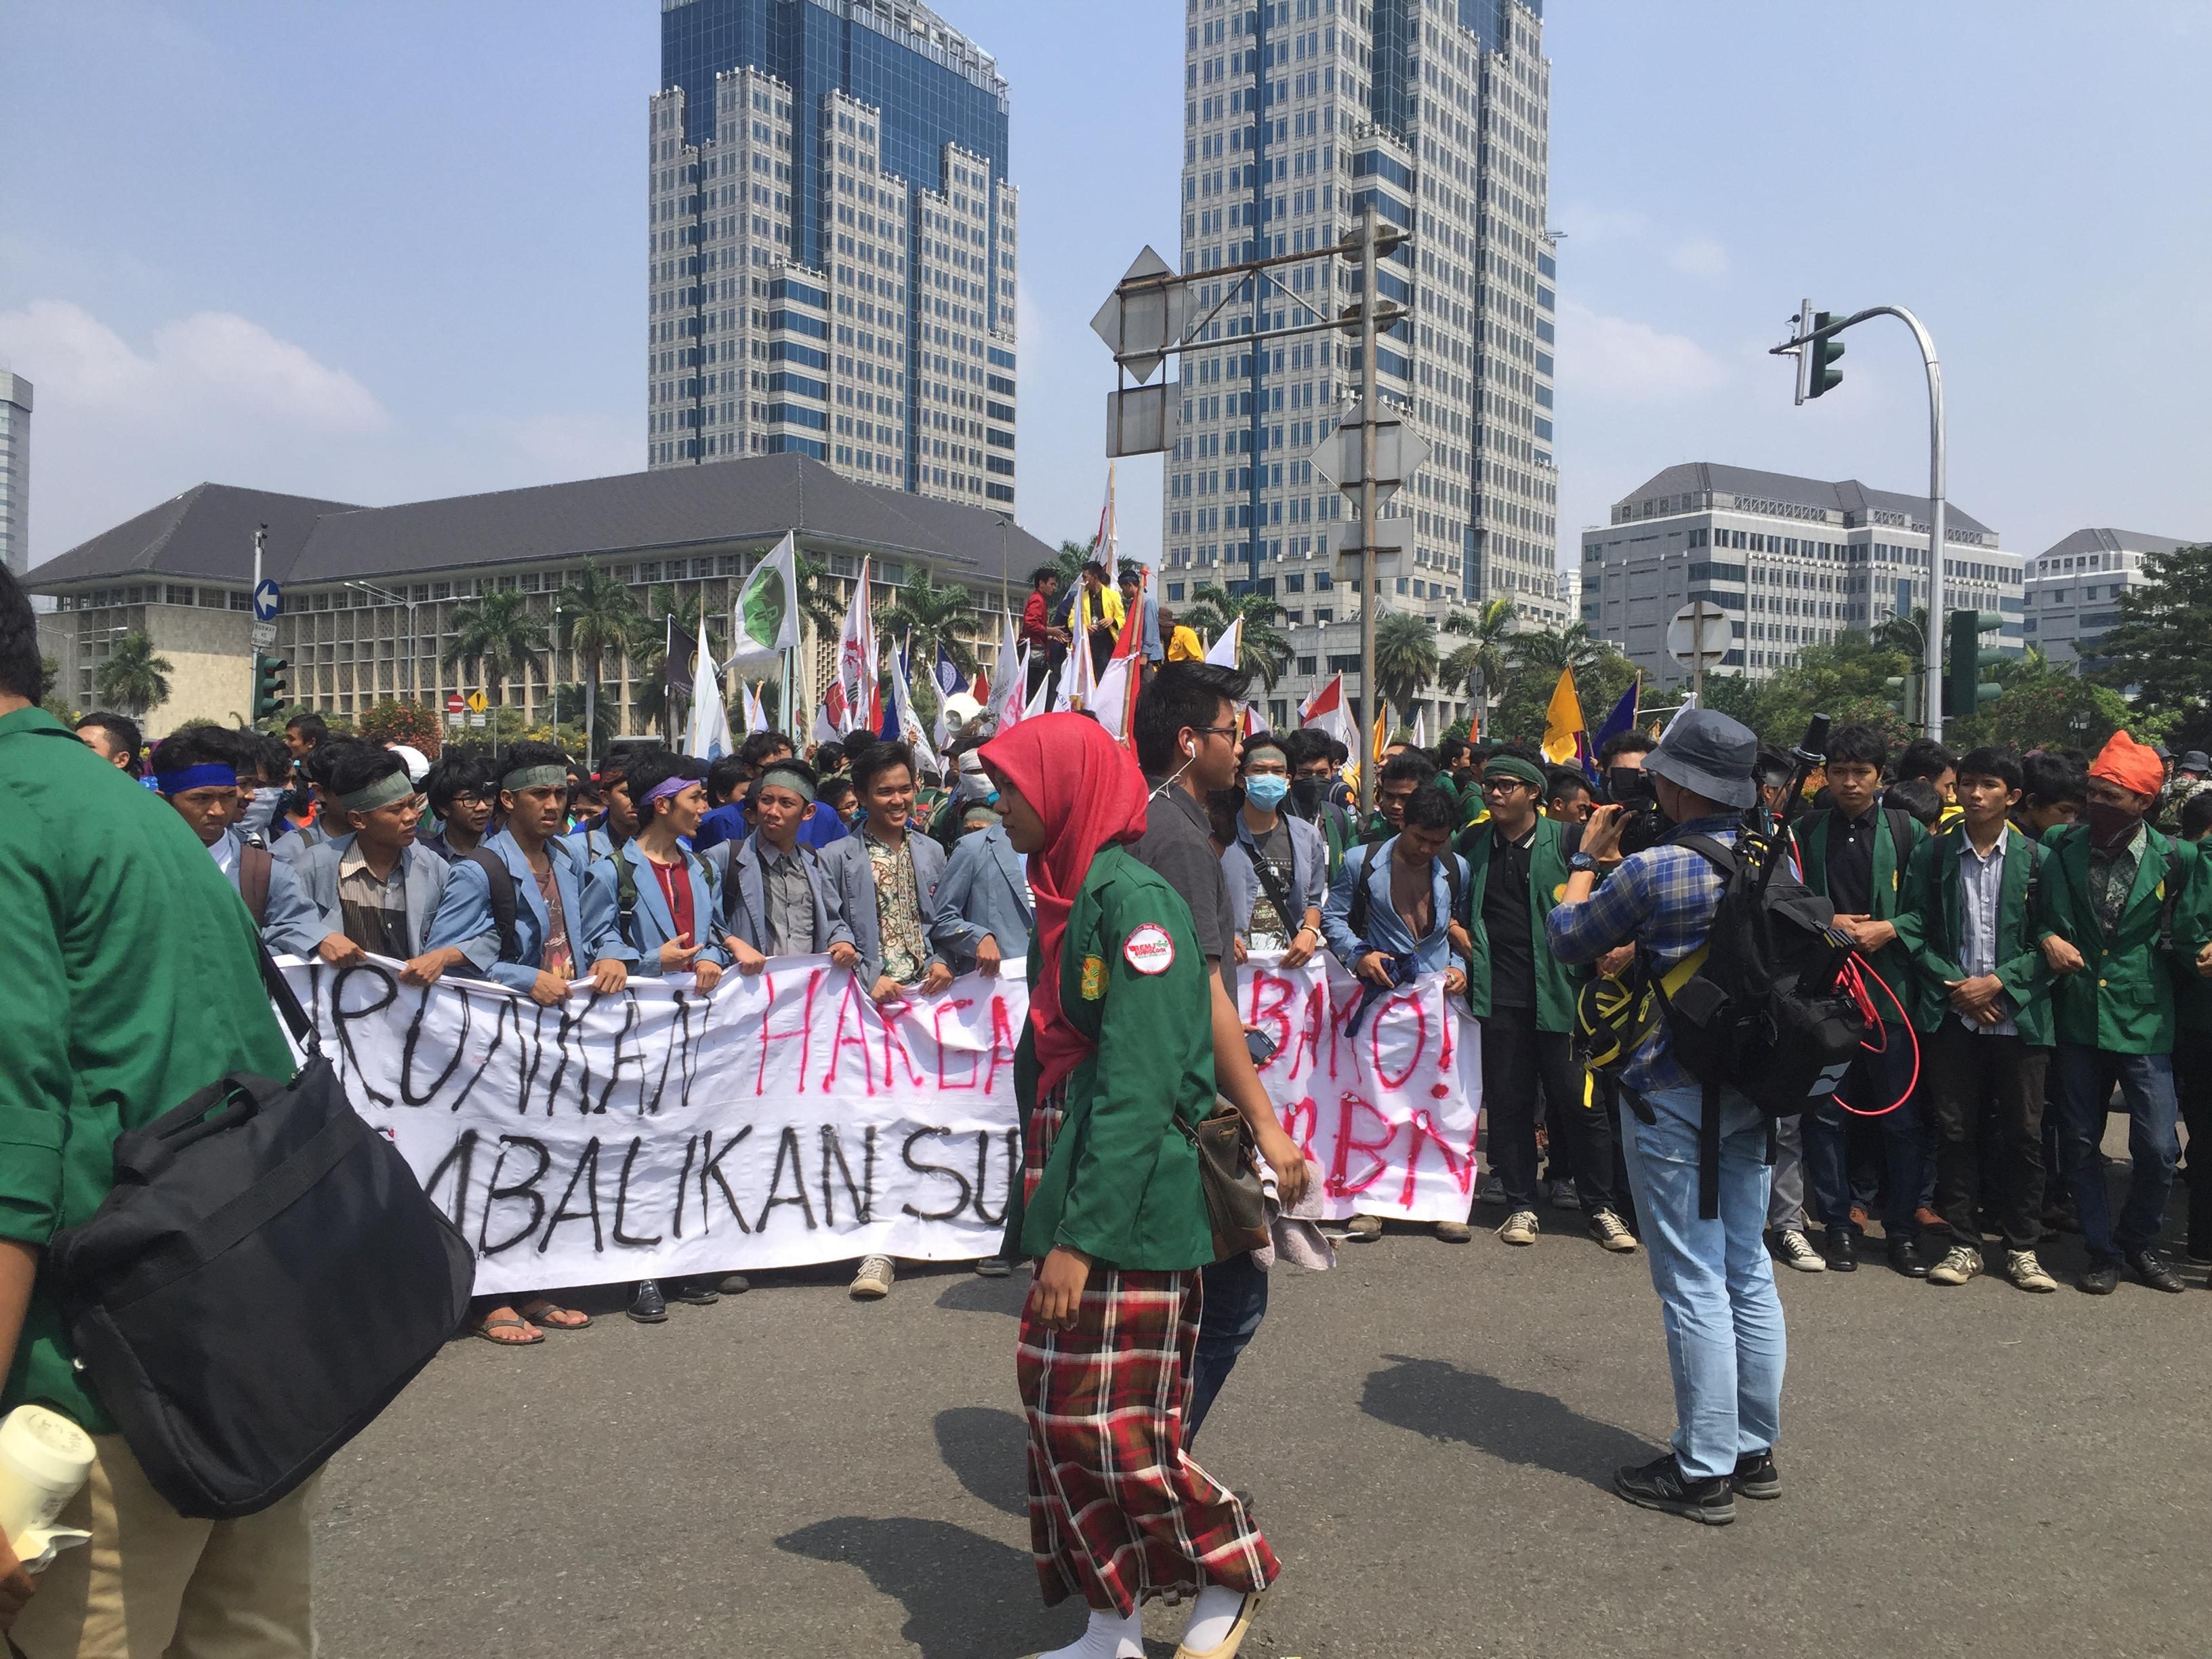 مظاهرات في إندونيسيا تطالب بتنحي الرئيس (تصوير وليد كُريم)